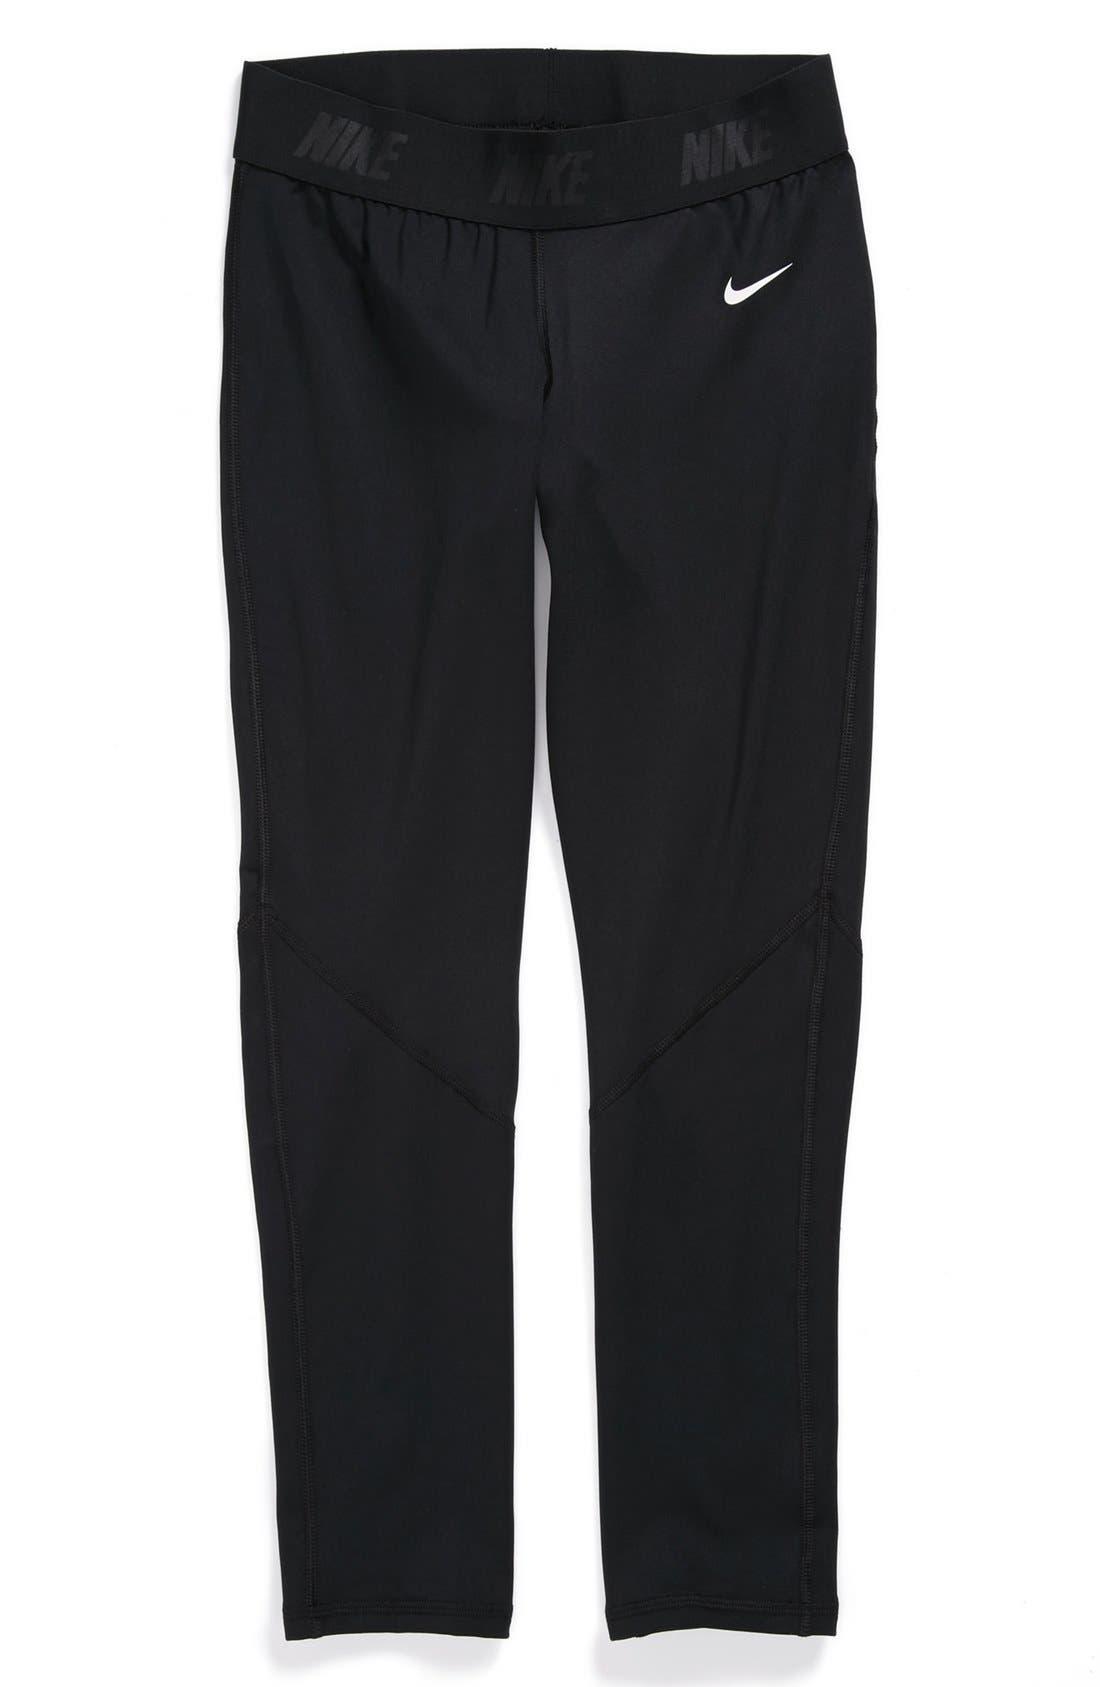 Main Image - Nike 'Pro' Leggings (Big Girls)